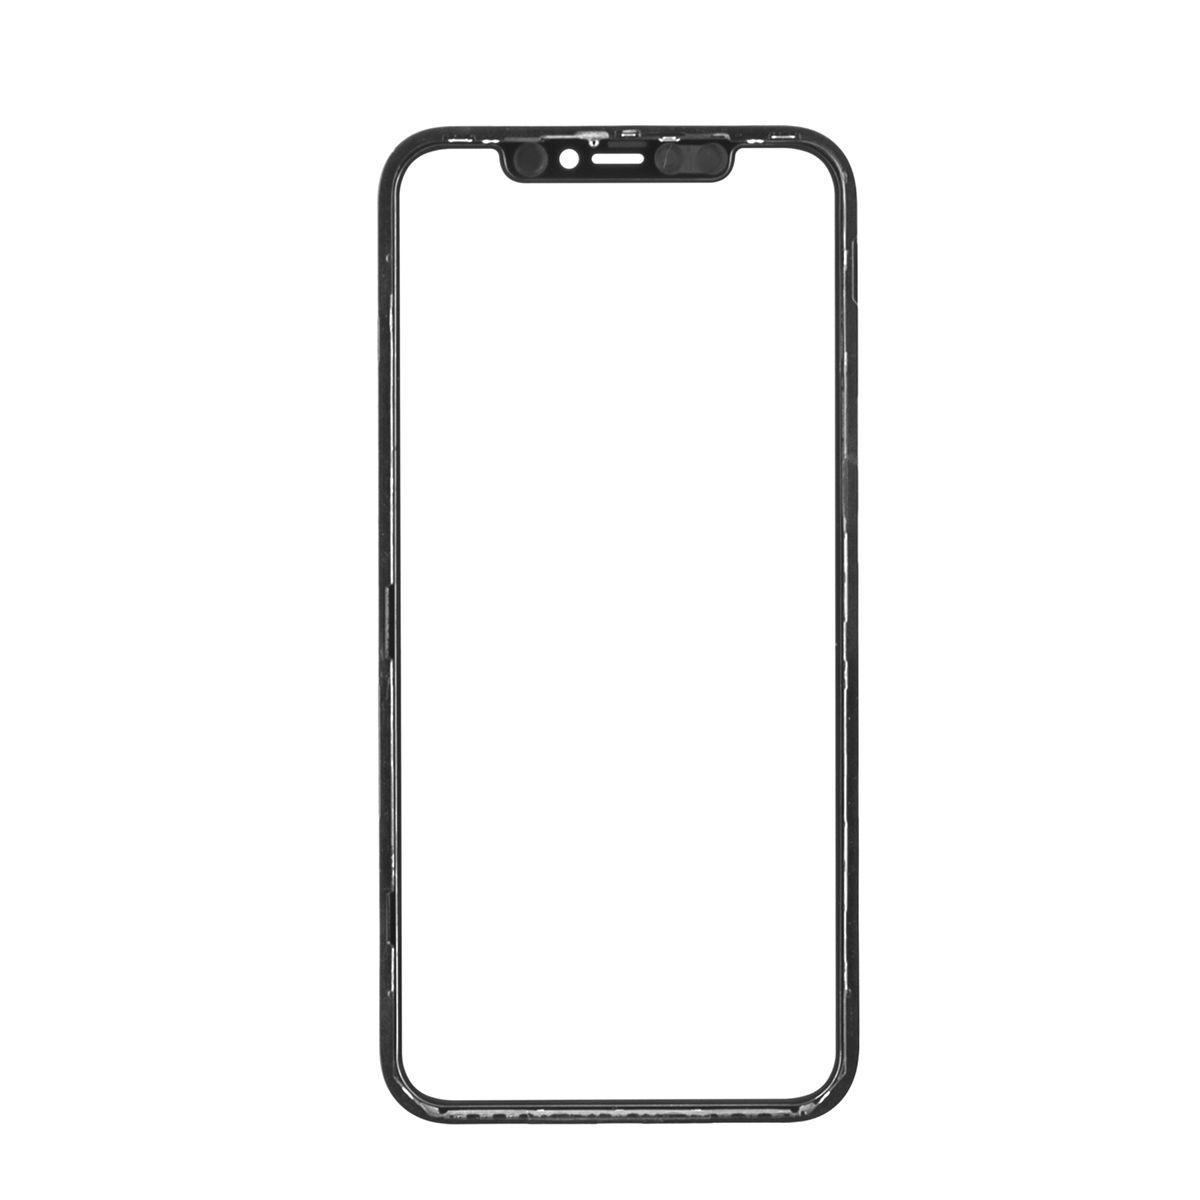 Стекло дисплей для iPhone 11 (6.1*) (3 в 1) с рамкой и OCA пленкой, Black